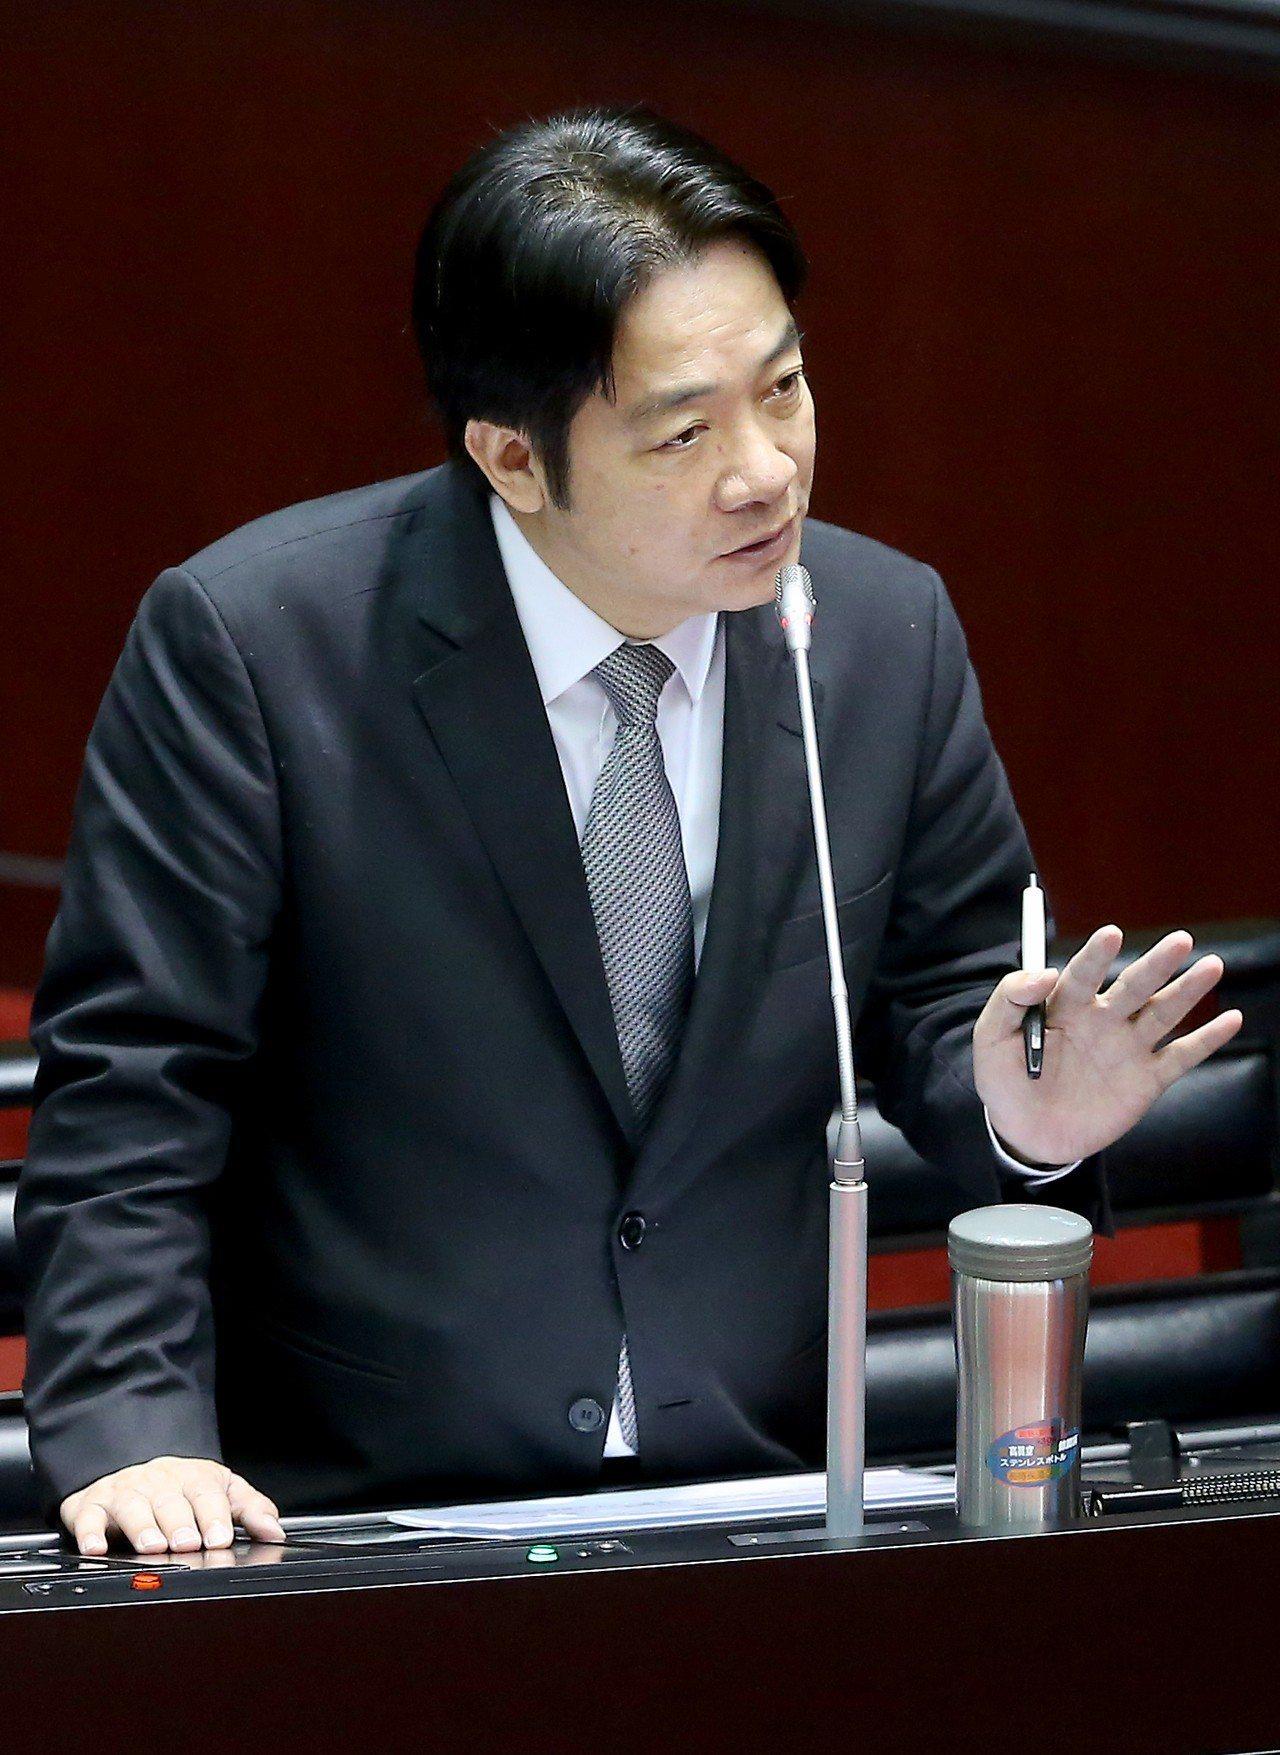 台灣人才流失今天成為立法院焦點話題,行政院長賴清德表示只要台灣根基紮穩,自然能吸...